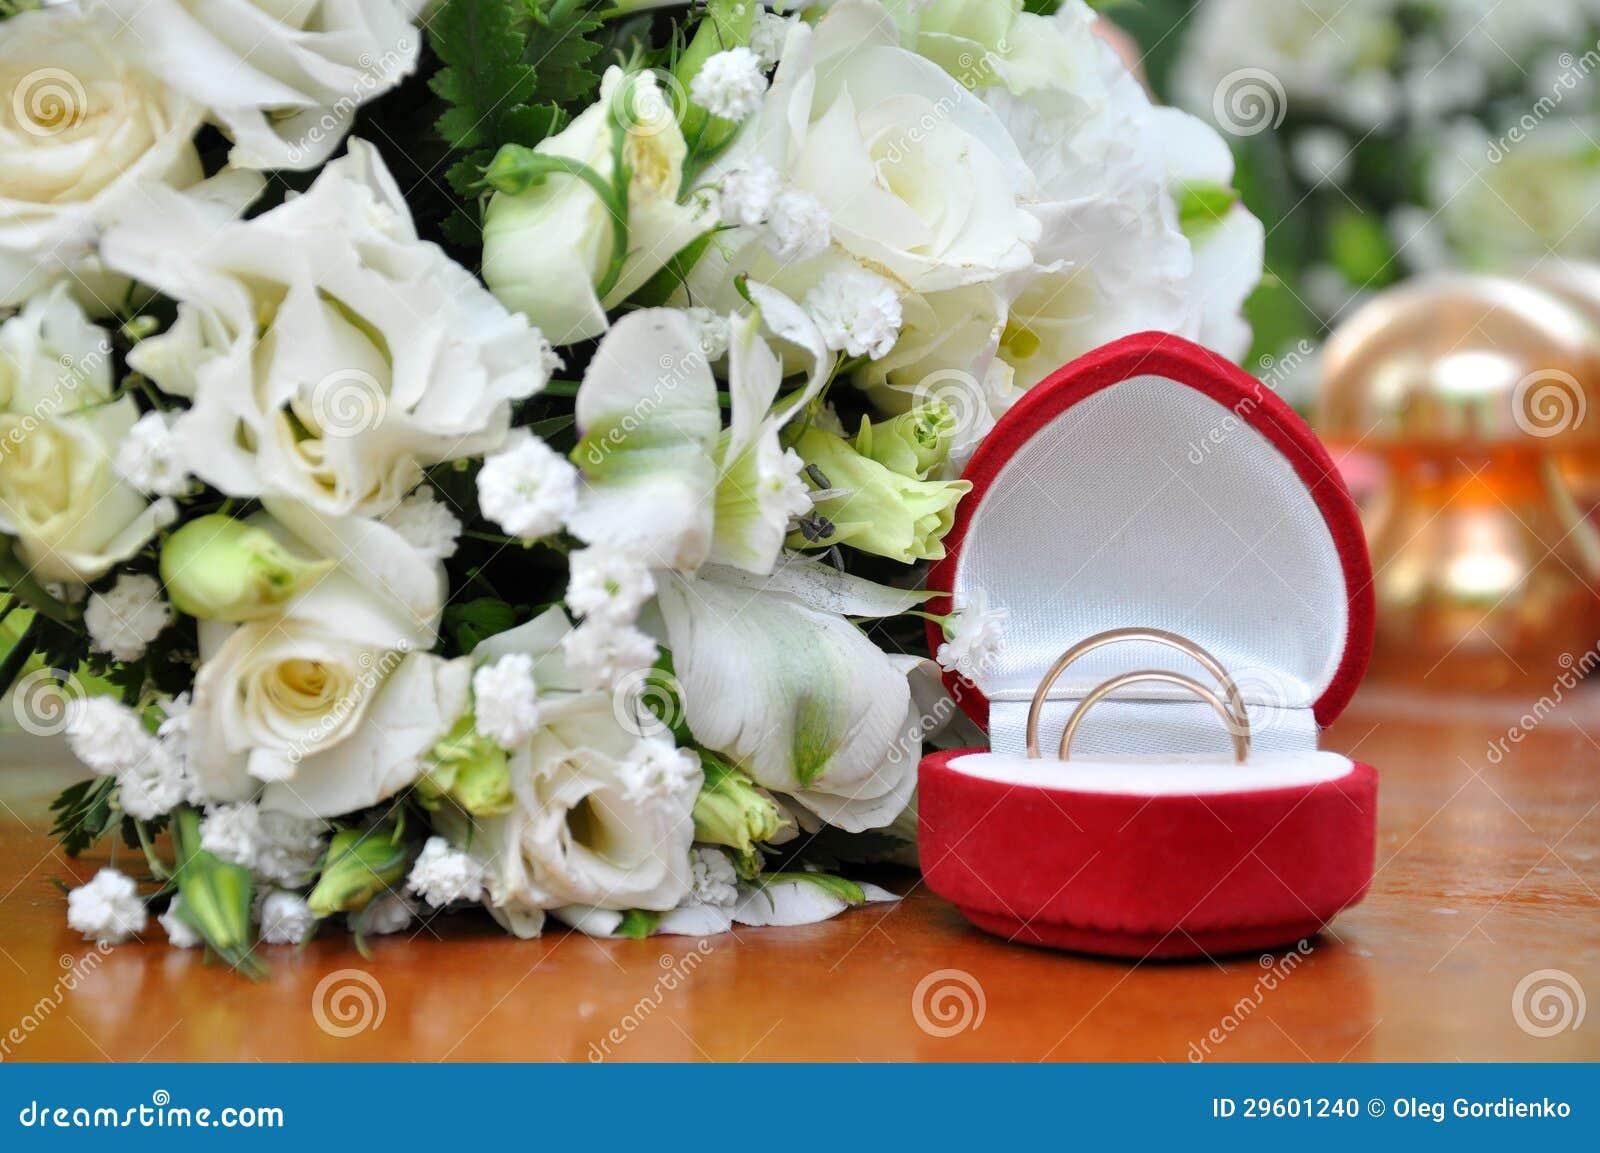 boucles de mariage et bouquet de rose blanche photo stock. Black Bedroom Furniture Sets. Home Design Ideas